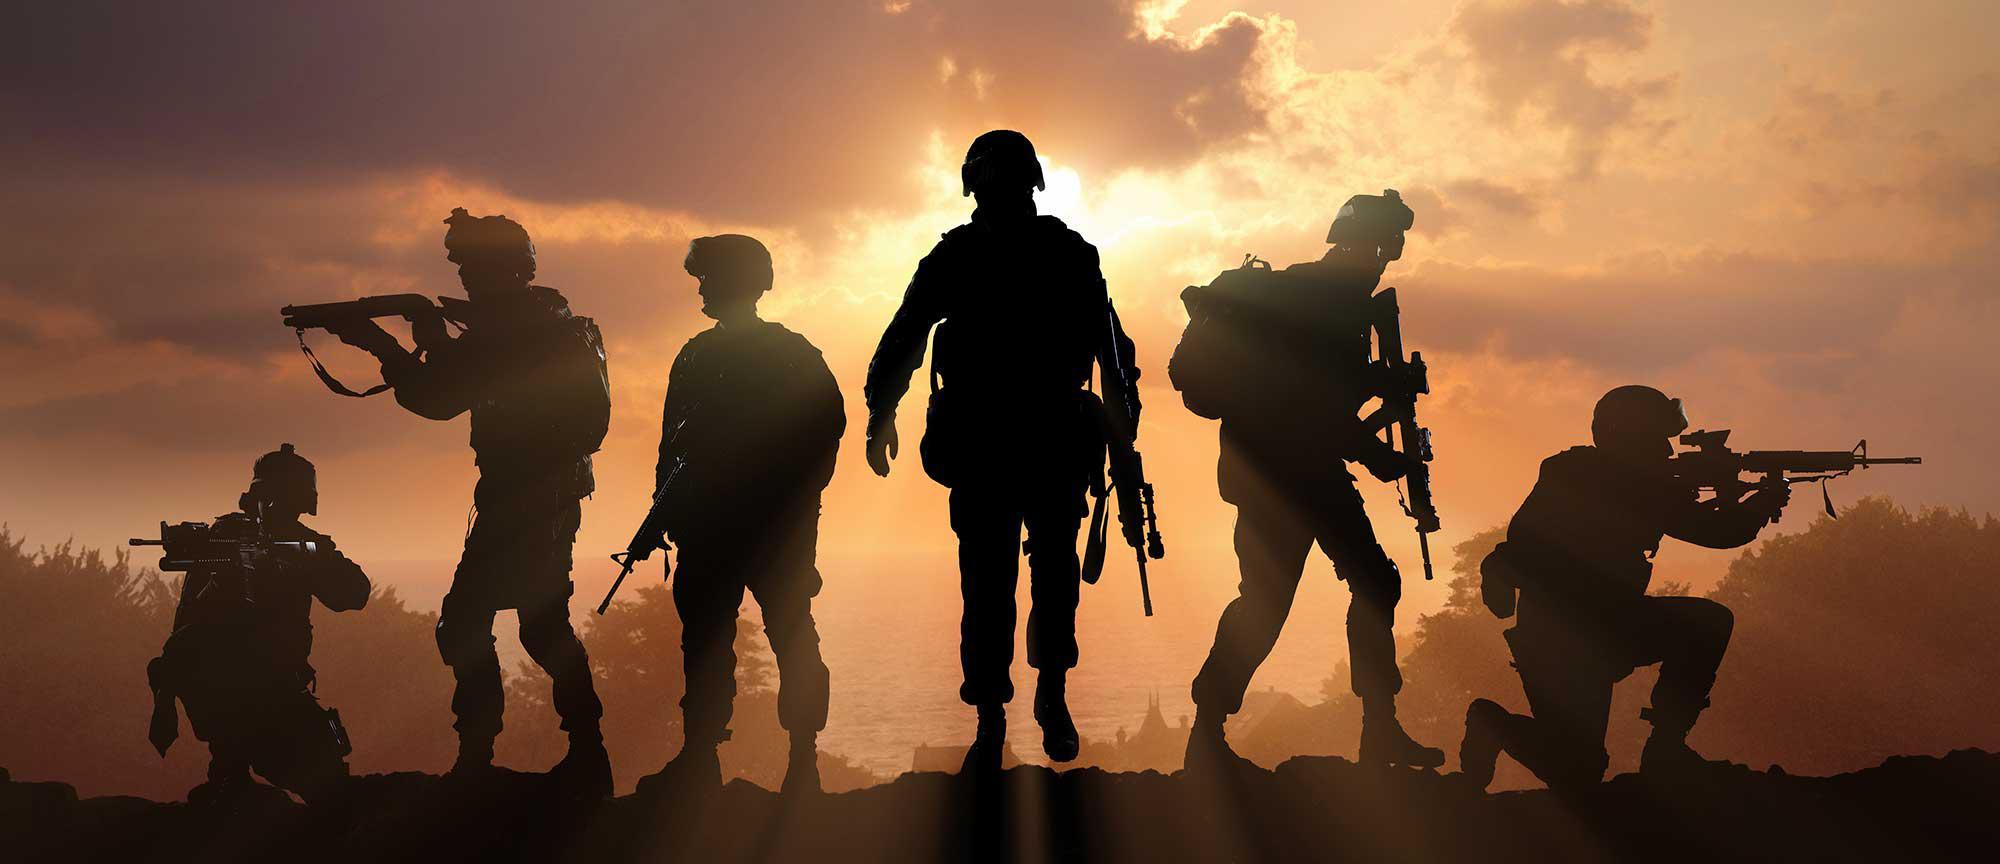 轮廓的士兵